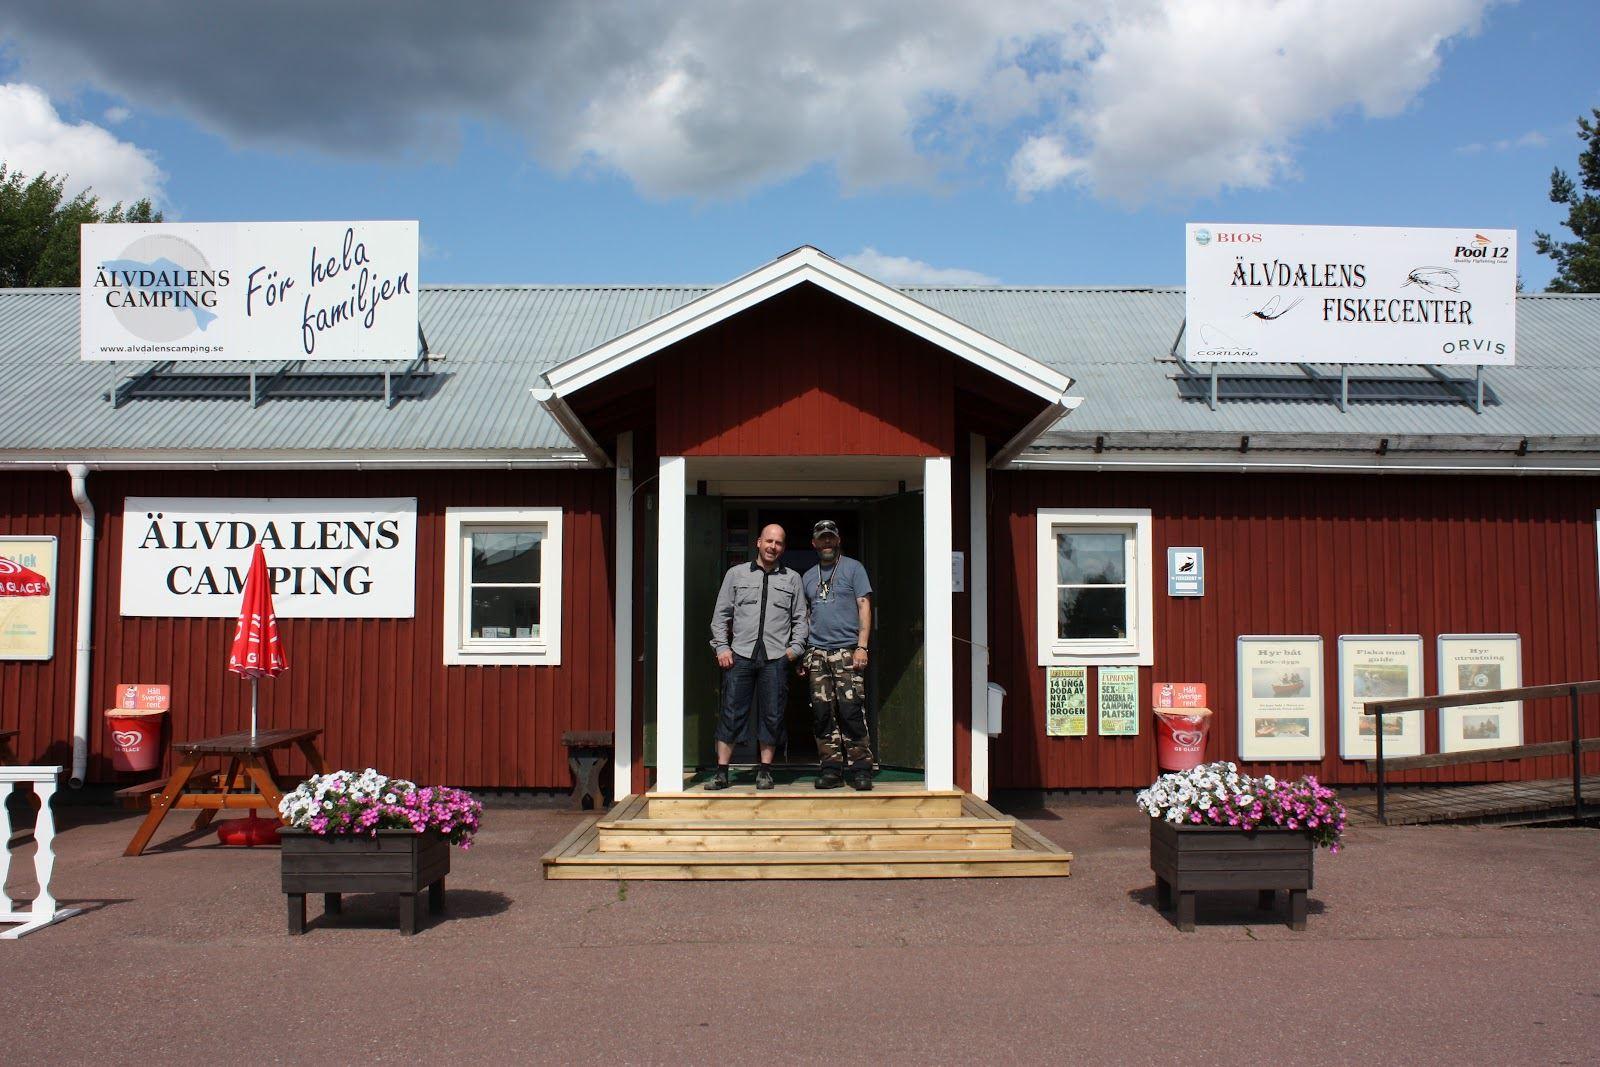 Älvdalens Fiskecenter